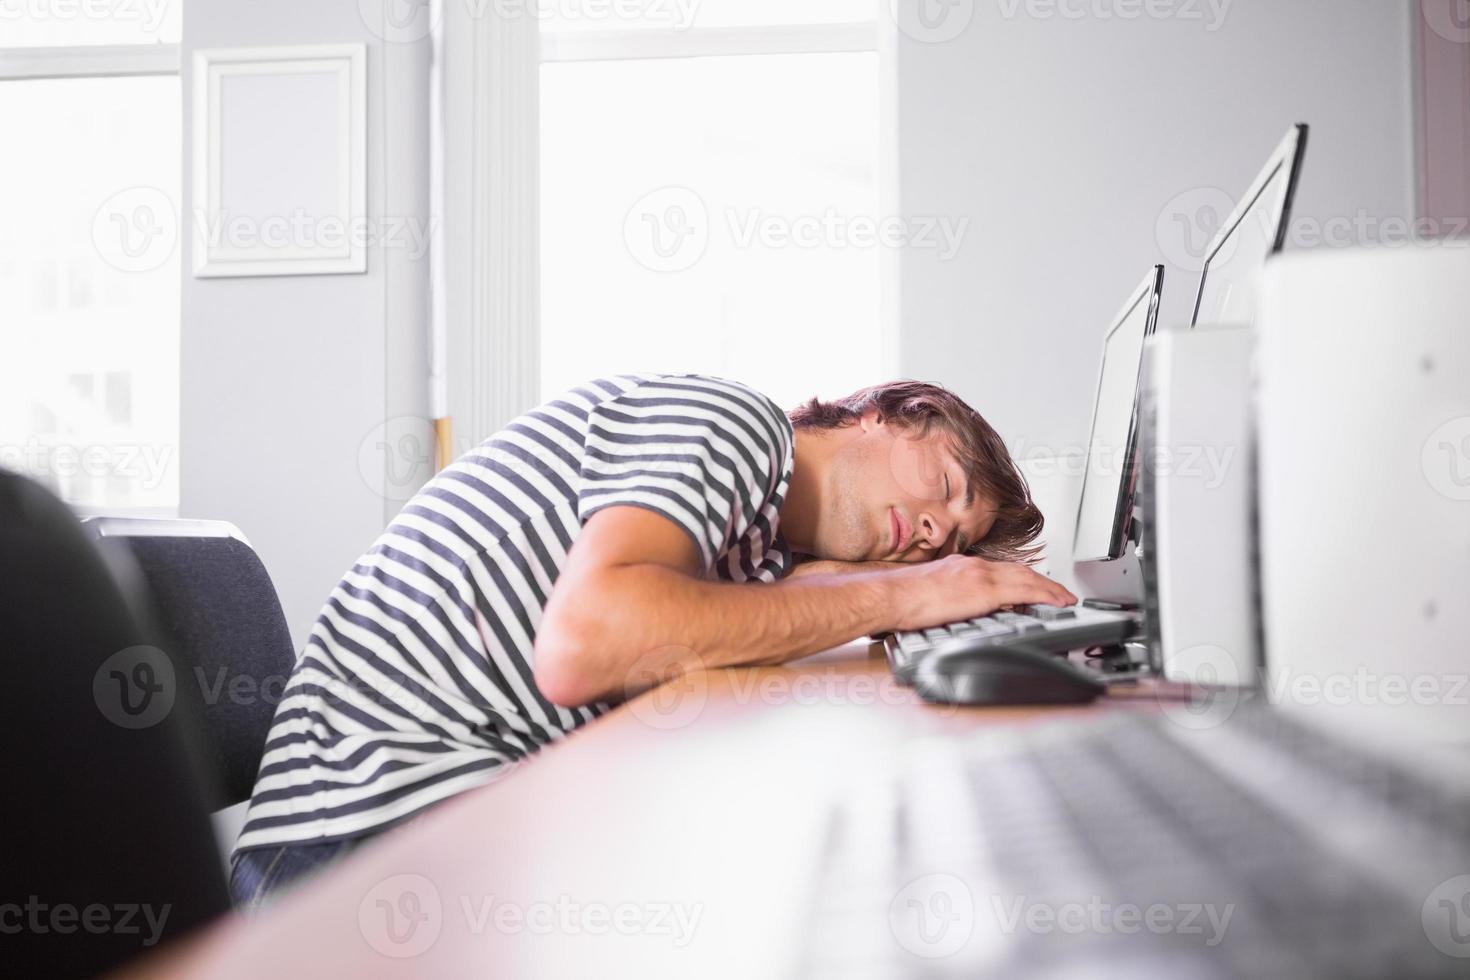 estudante dormindo no computador na sala de aula foto